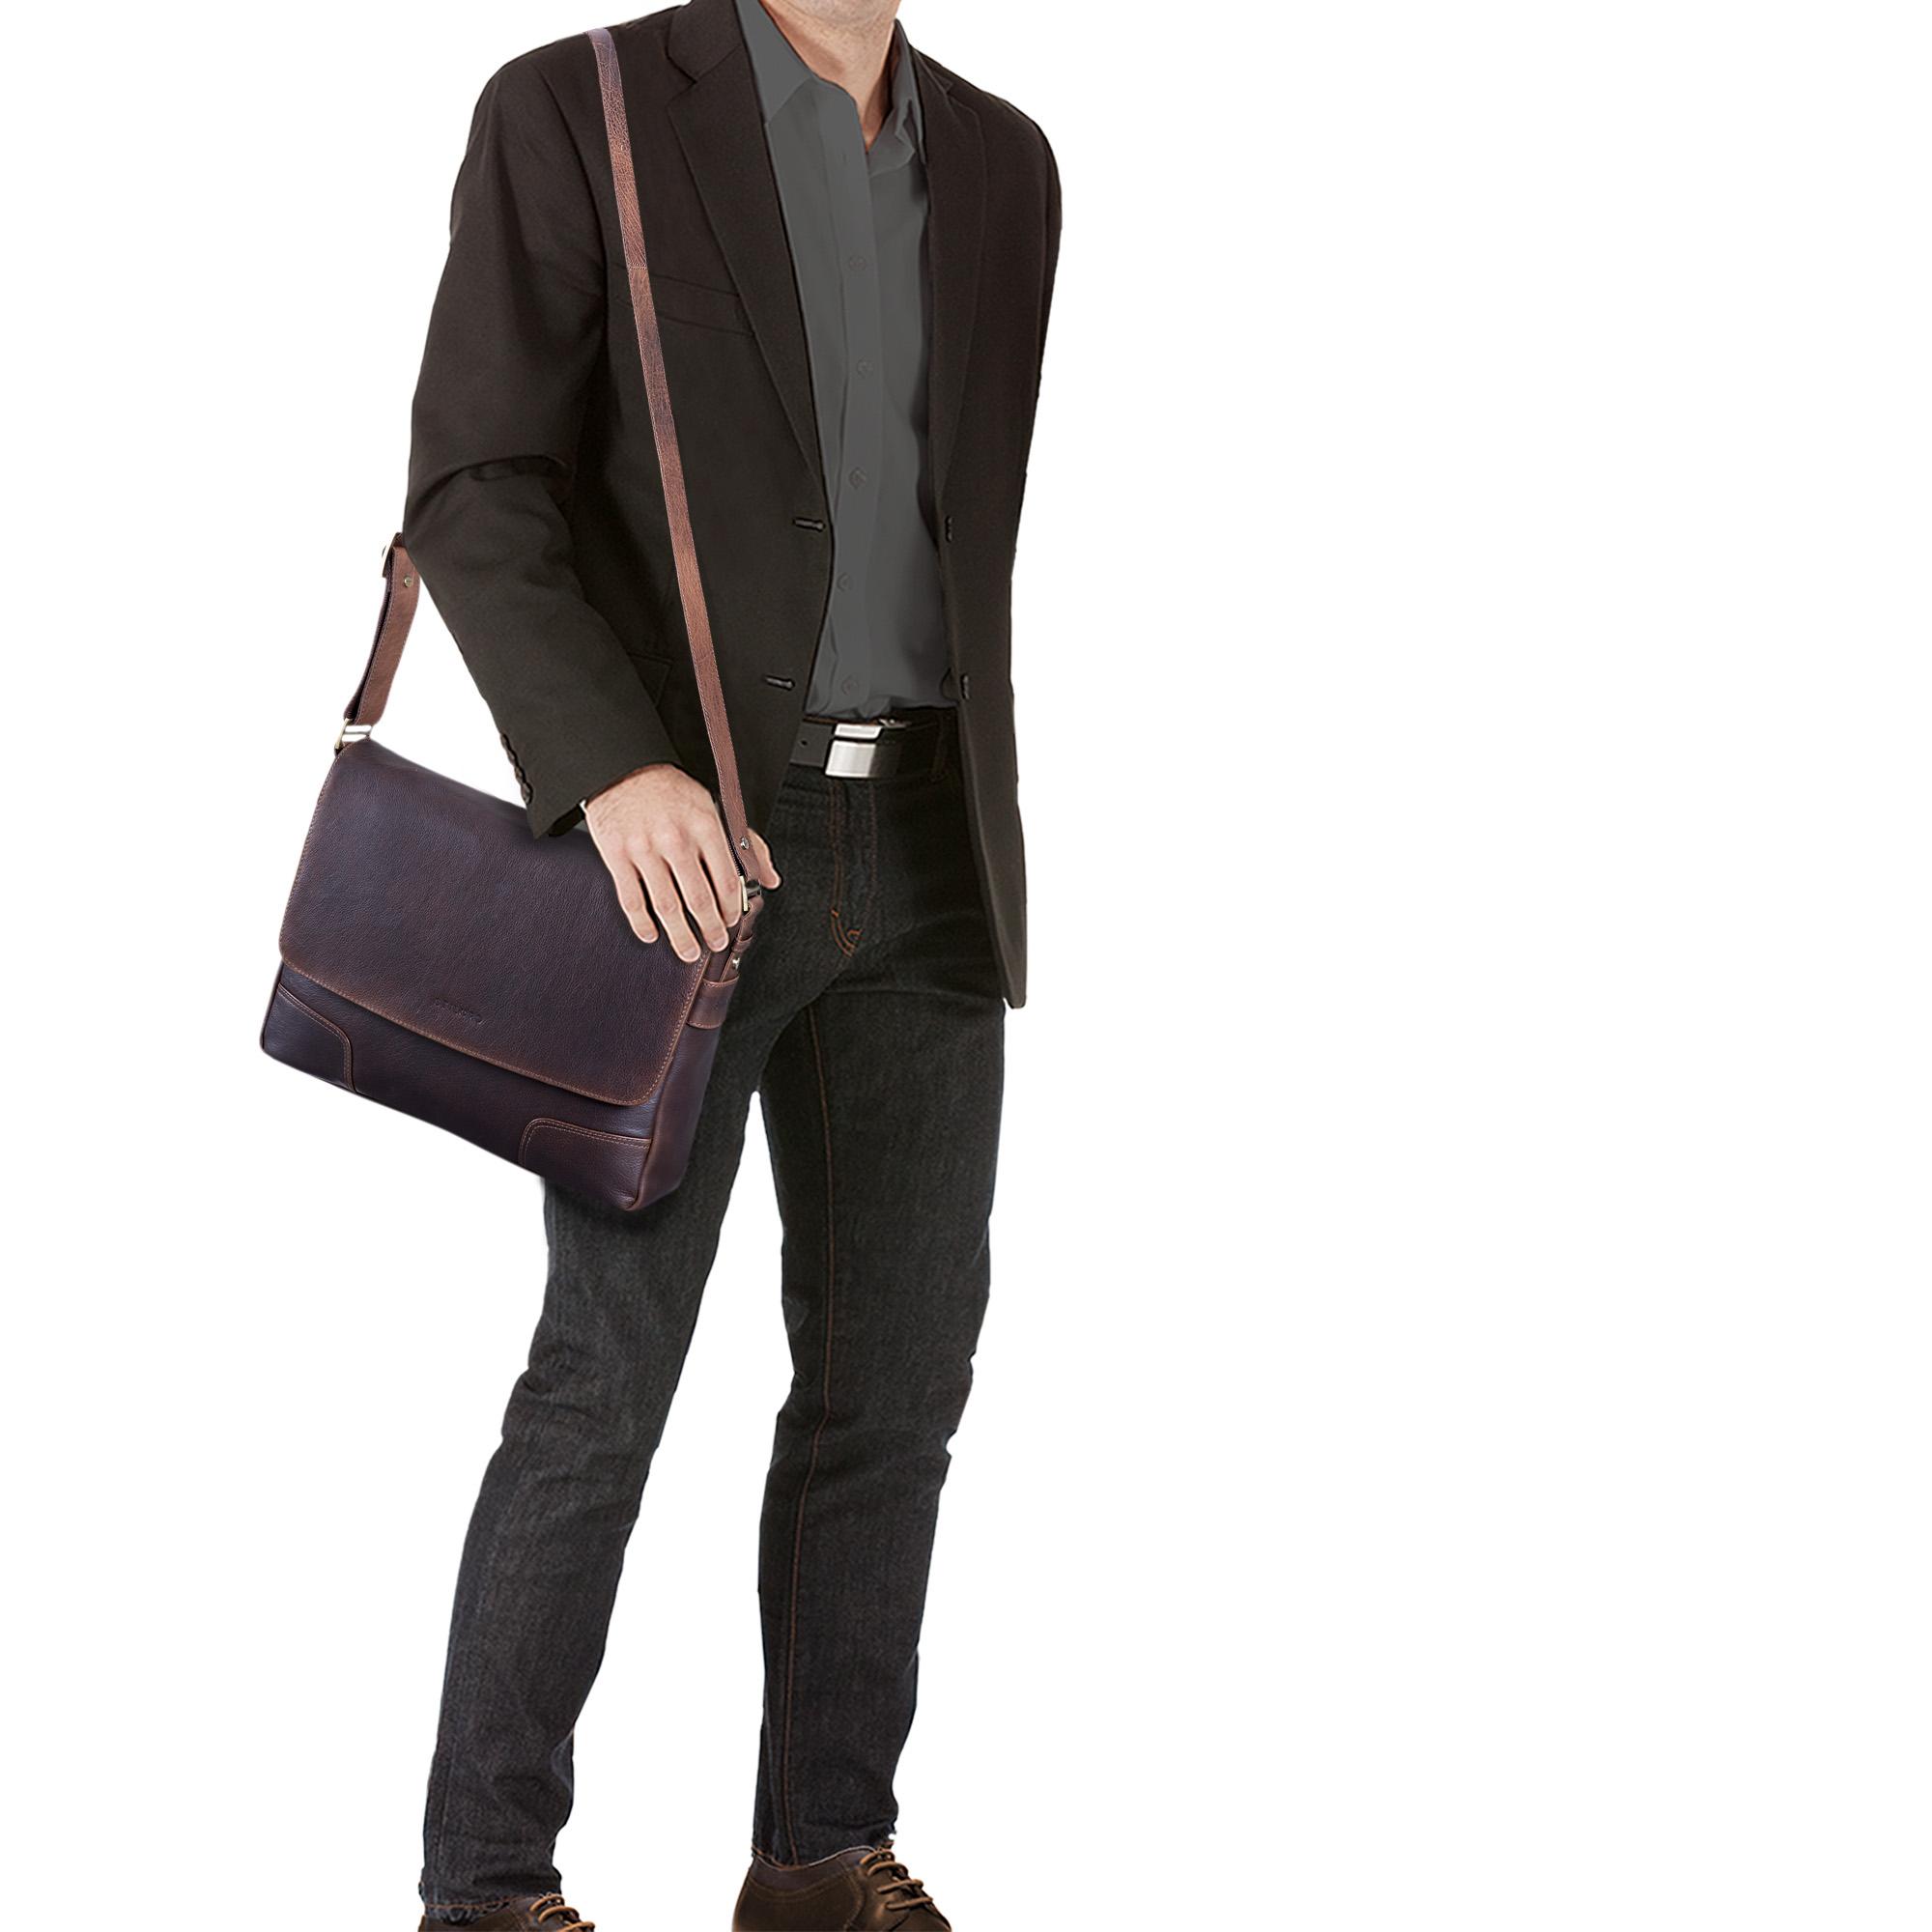 """STILORD """"Miro"""" Messenger Bag Leder Umhängetasche 14 Zoll Vintage Design für Herren Damen Uni Büro Arbeit Aktentasche DIN A4 Laptoptasche Echtleder - Bild 2"""